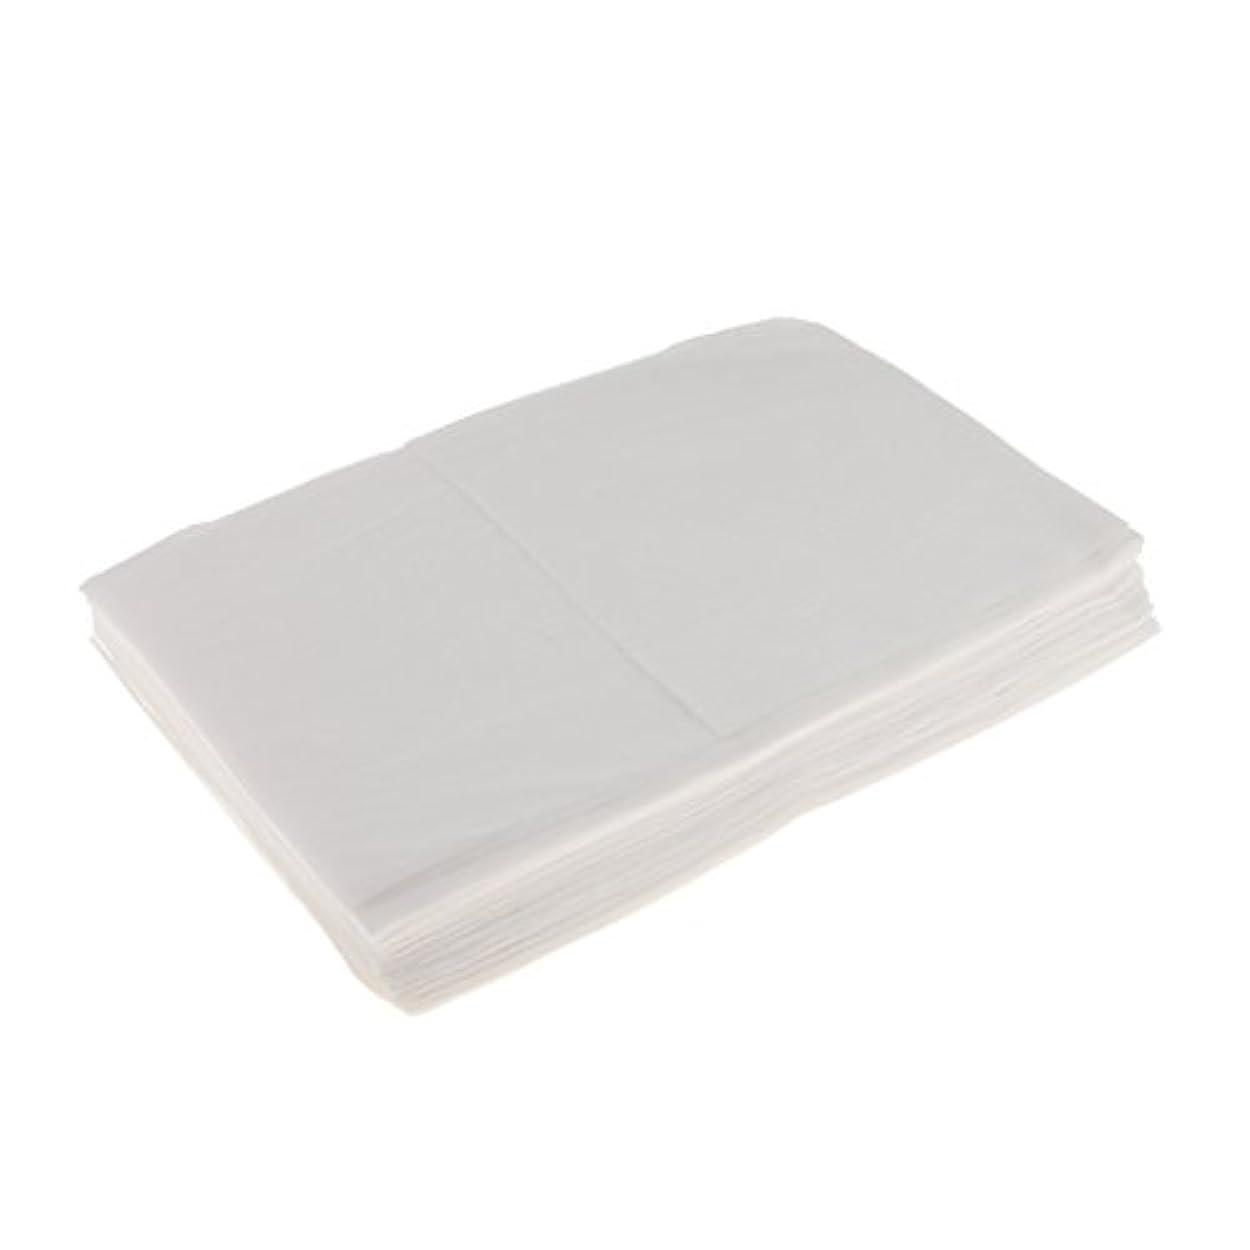 悪意のある以降グラディスKesoto 10枚 使い捨てベッドシーツ 使い捨て 美容 マッサージ サロン ホテル ベッドパッド カバー シート 2色選べ - 白